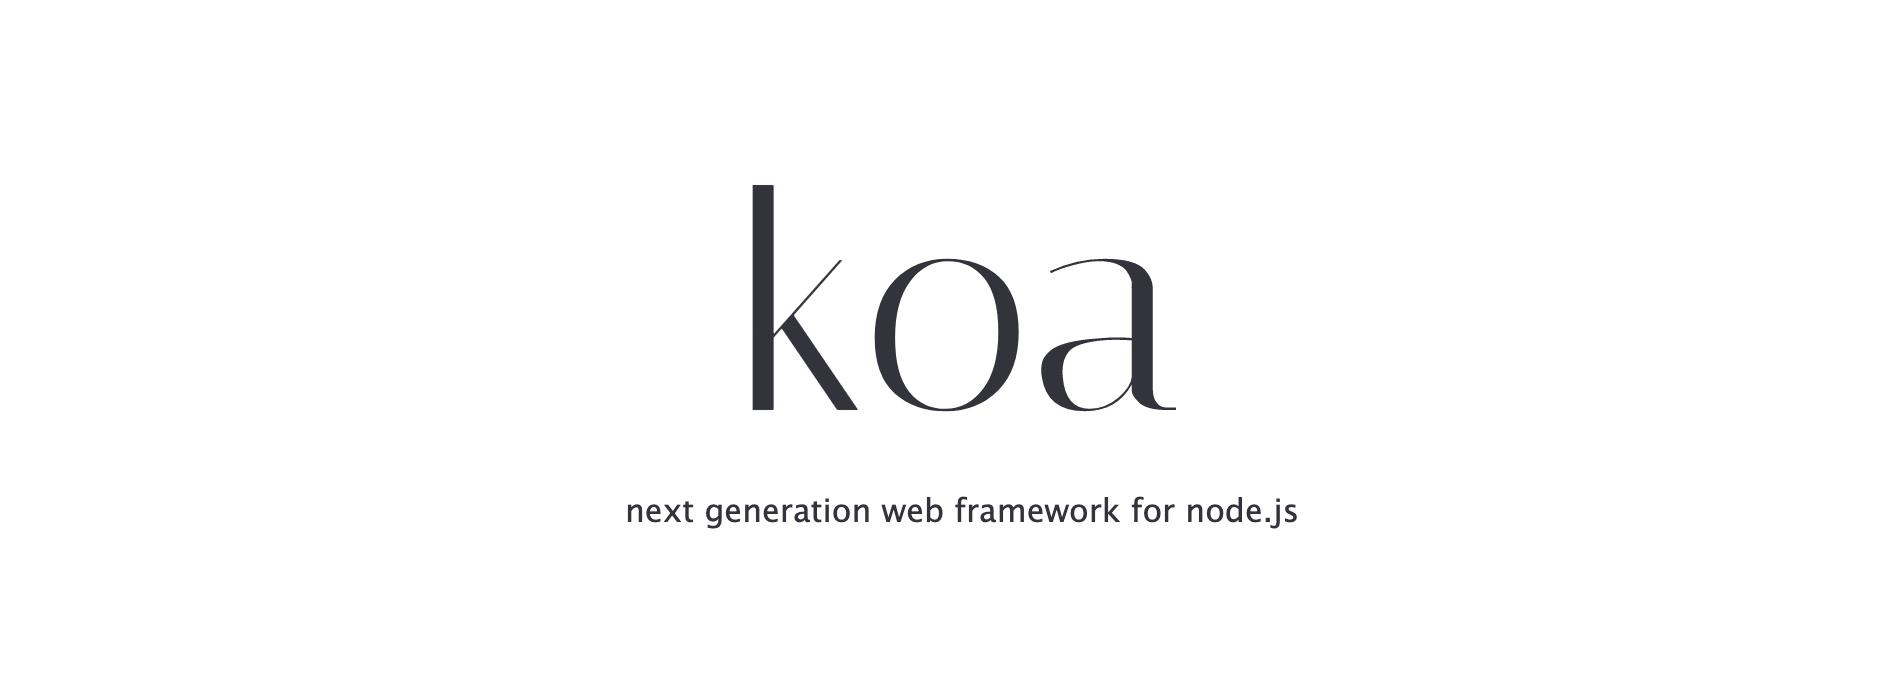 使用nodeJs开发自己的图床应用